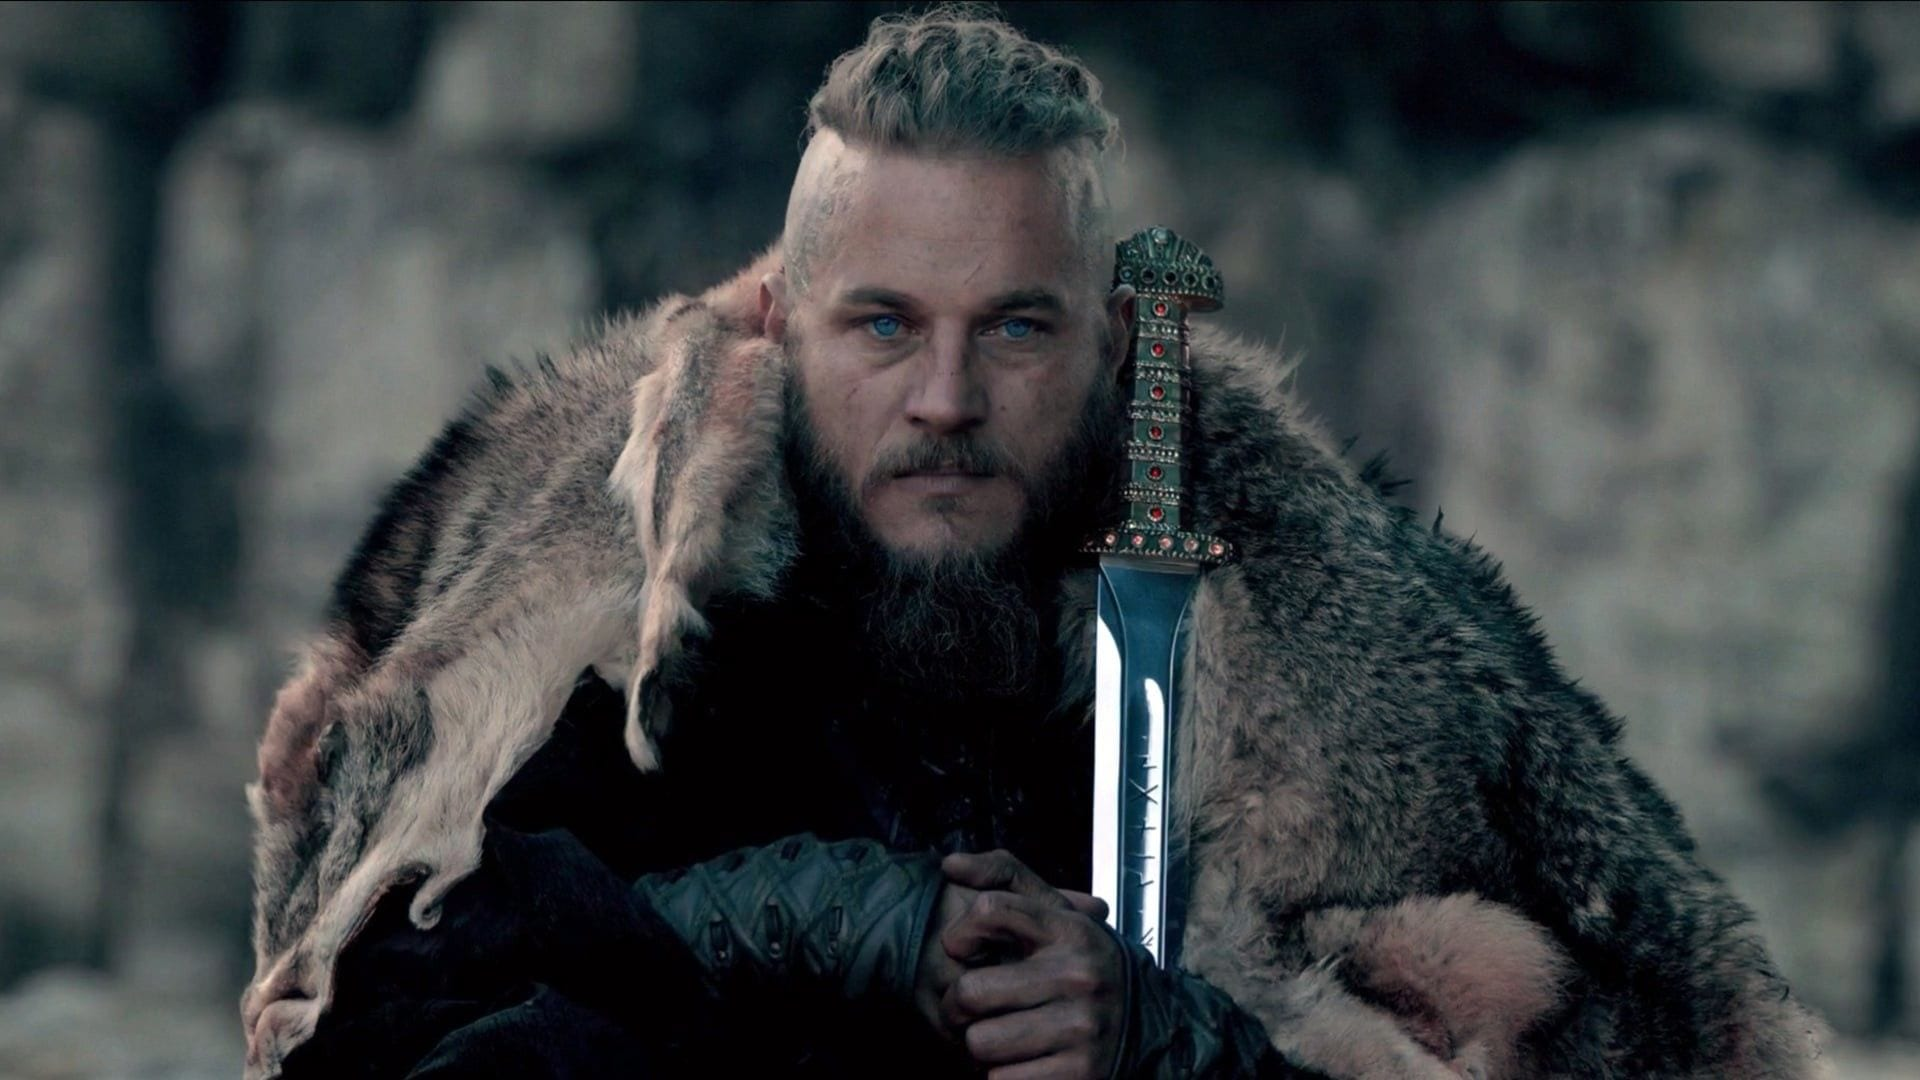 Kılıcını omzuna yaslamış kürk giyen adam.